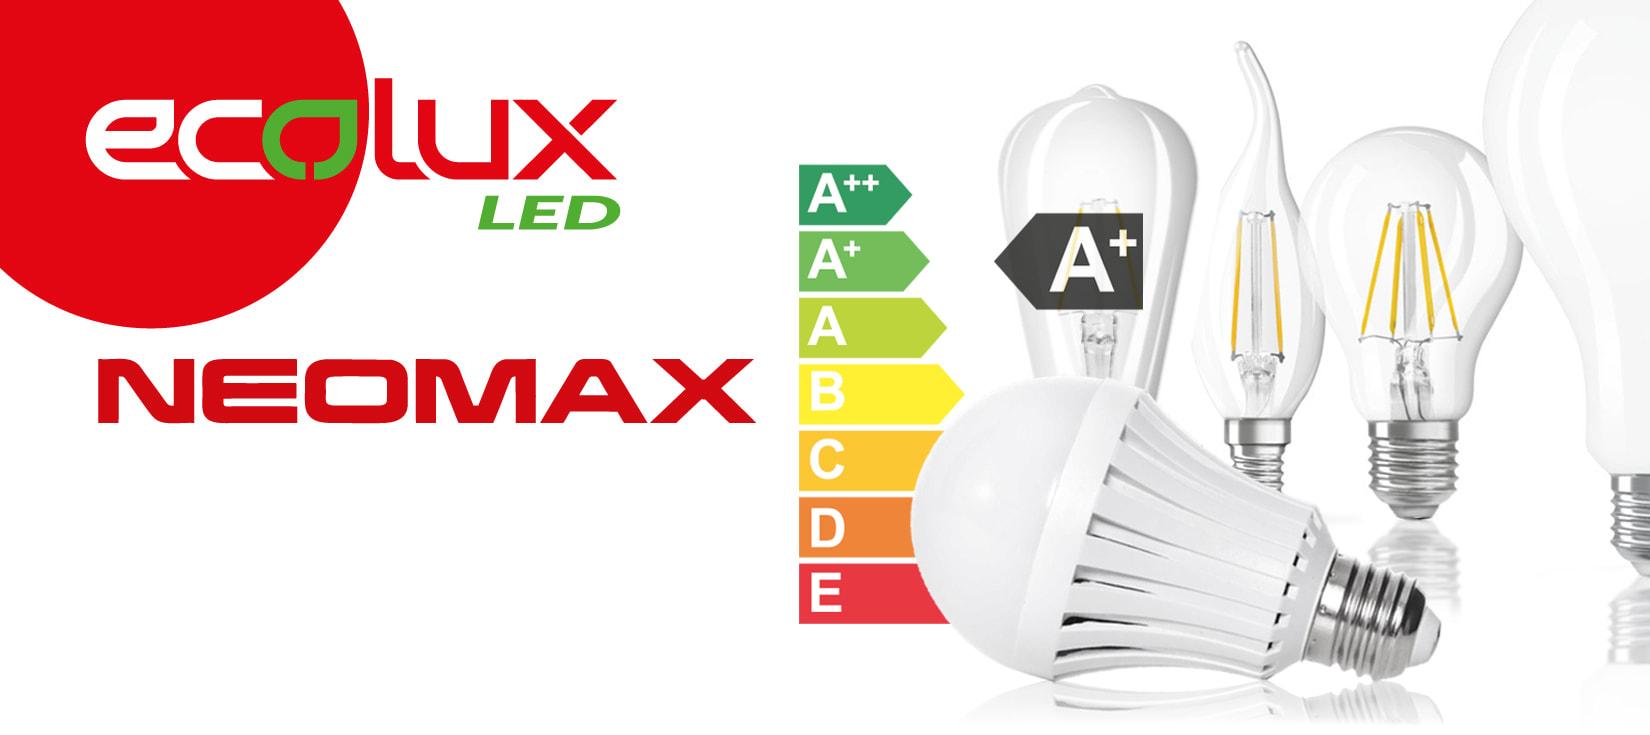 ТM Neomax, ТM Ecolux